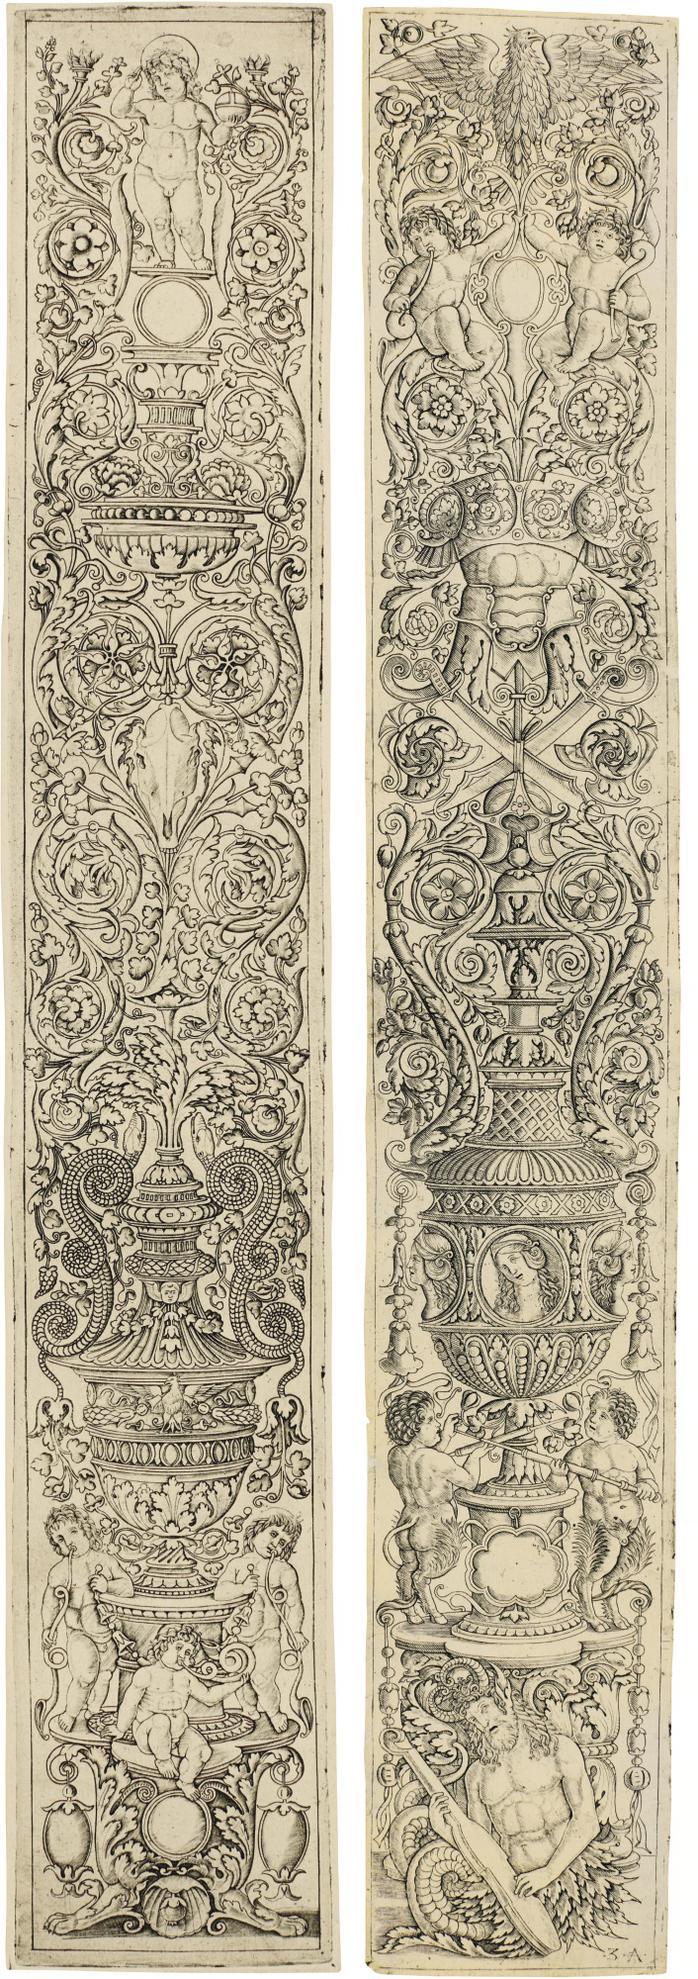 Zoan Andrea & Giovanni Pietro Da Birago - Three Children Blowing Horns; A Triton And Two Infant Satyrs (Bartsch 28, 24)-1507